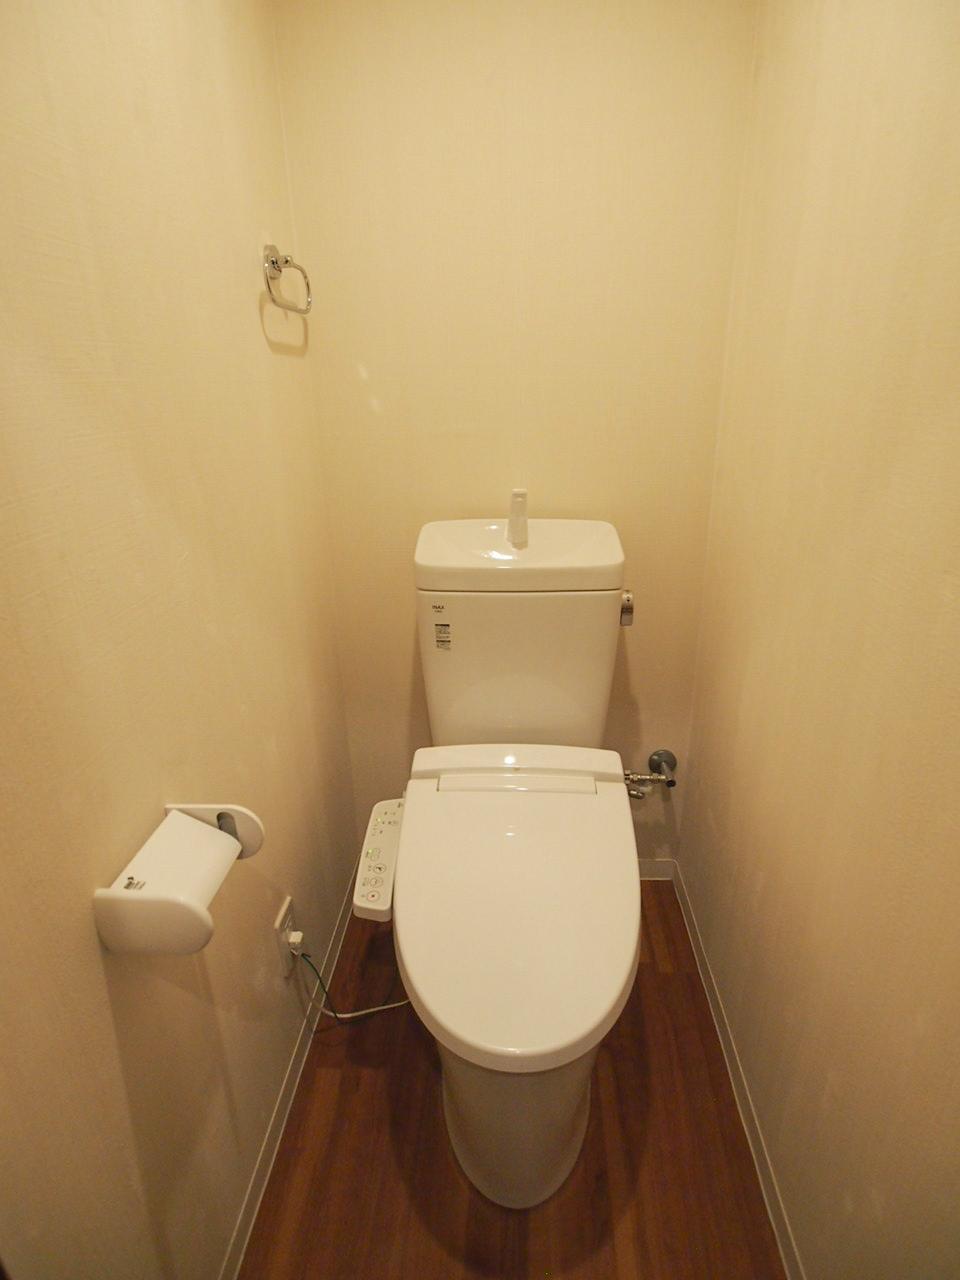 トイレもピカピカ